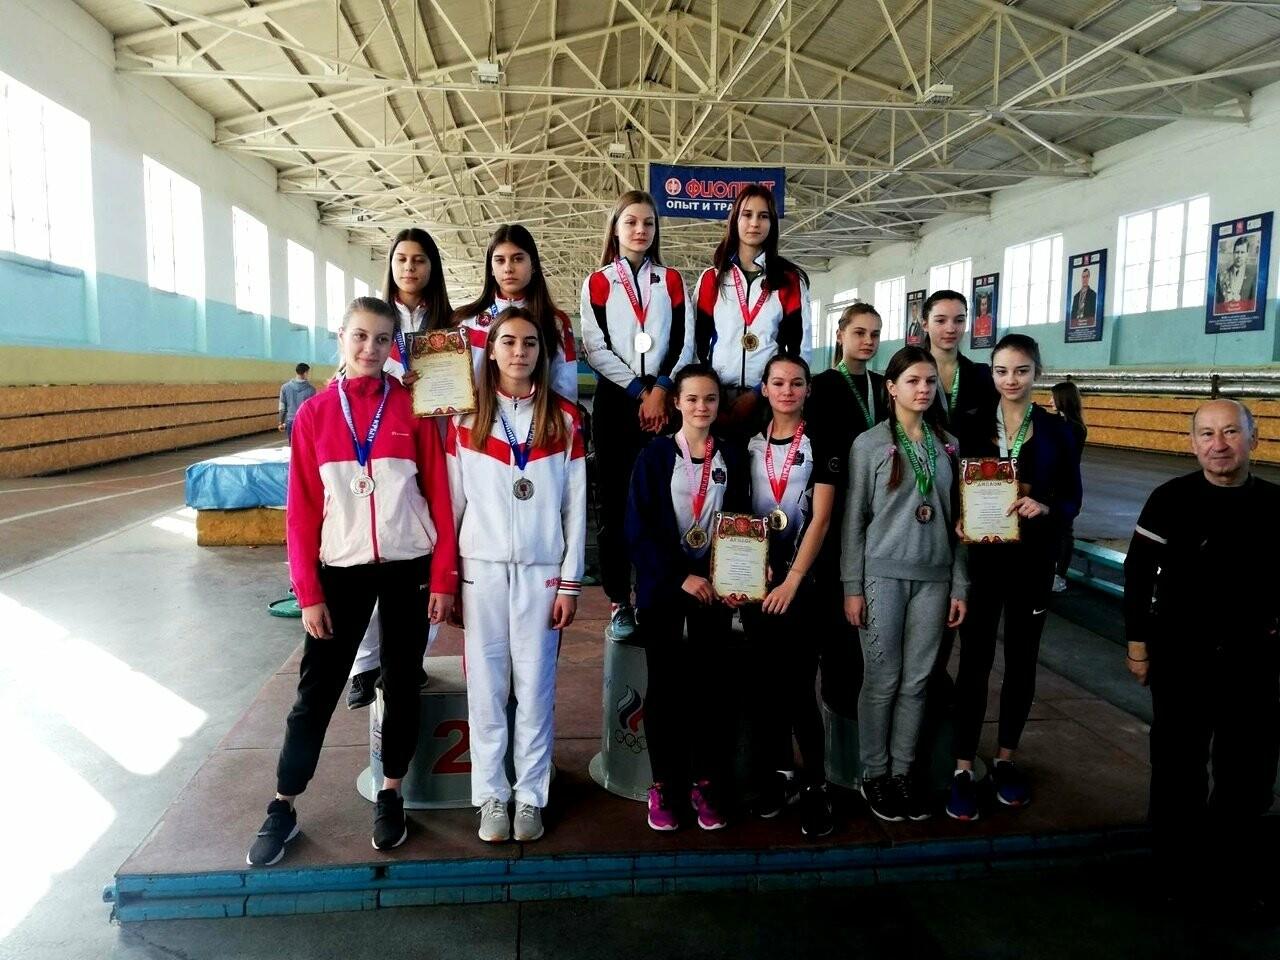 Легкоатлеты Ялты  завоевали  28 медалей в Первенстве Крыма, фото-1